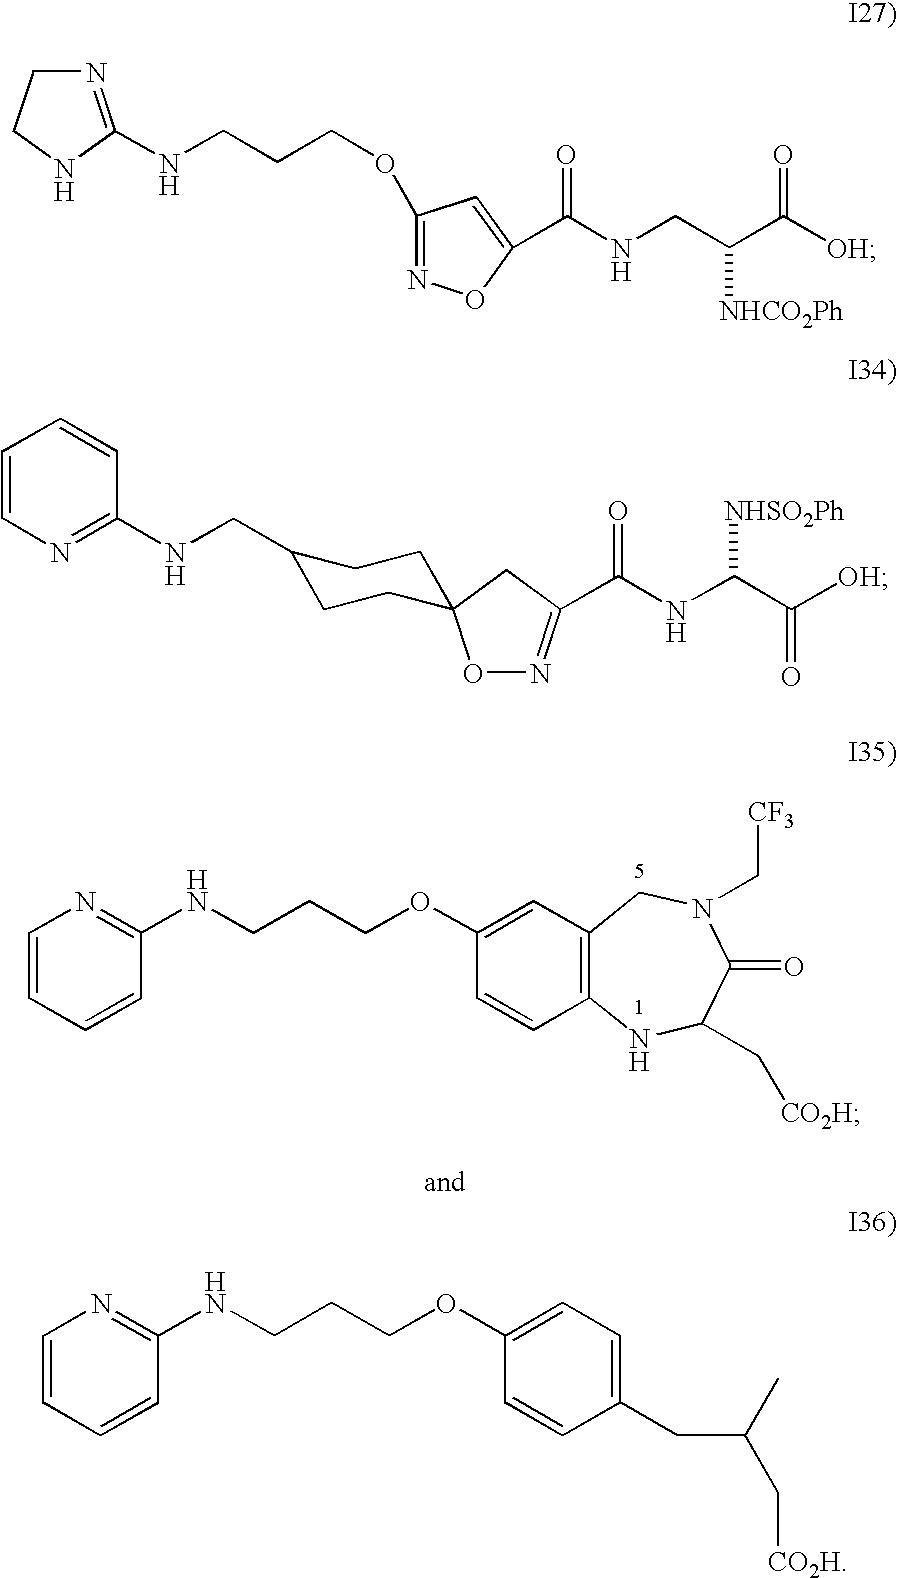 Figure US06833373-20041221-C00028